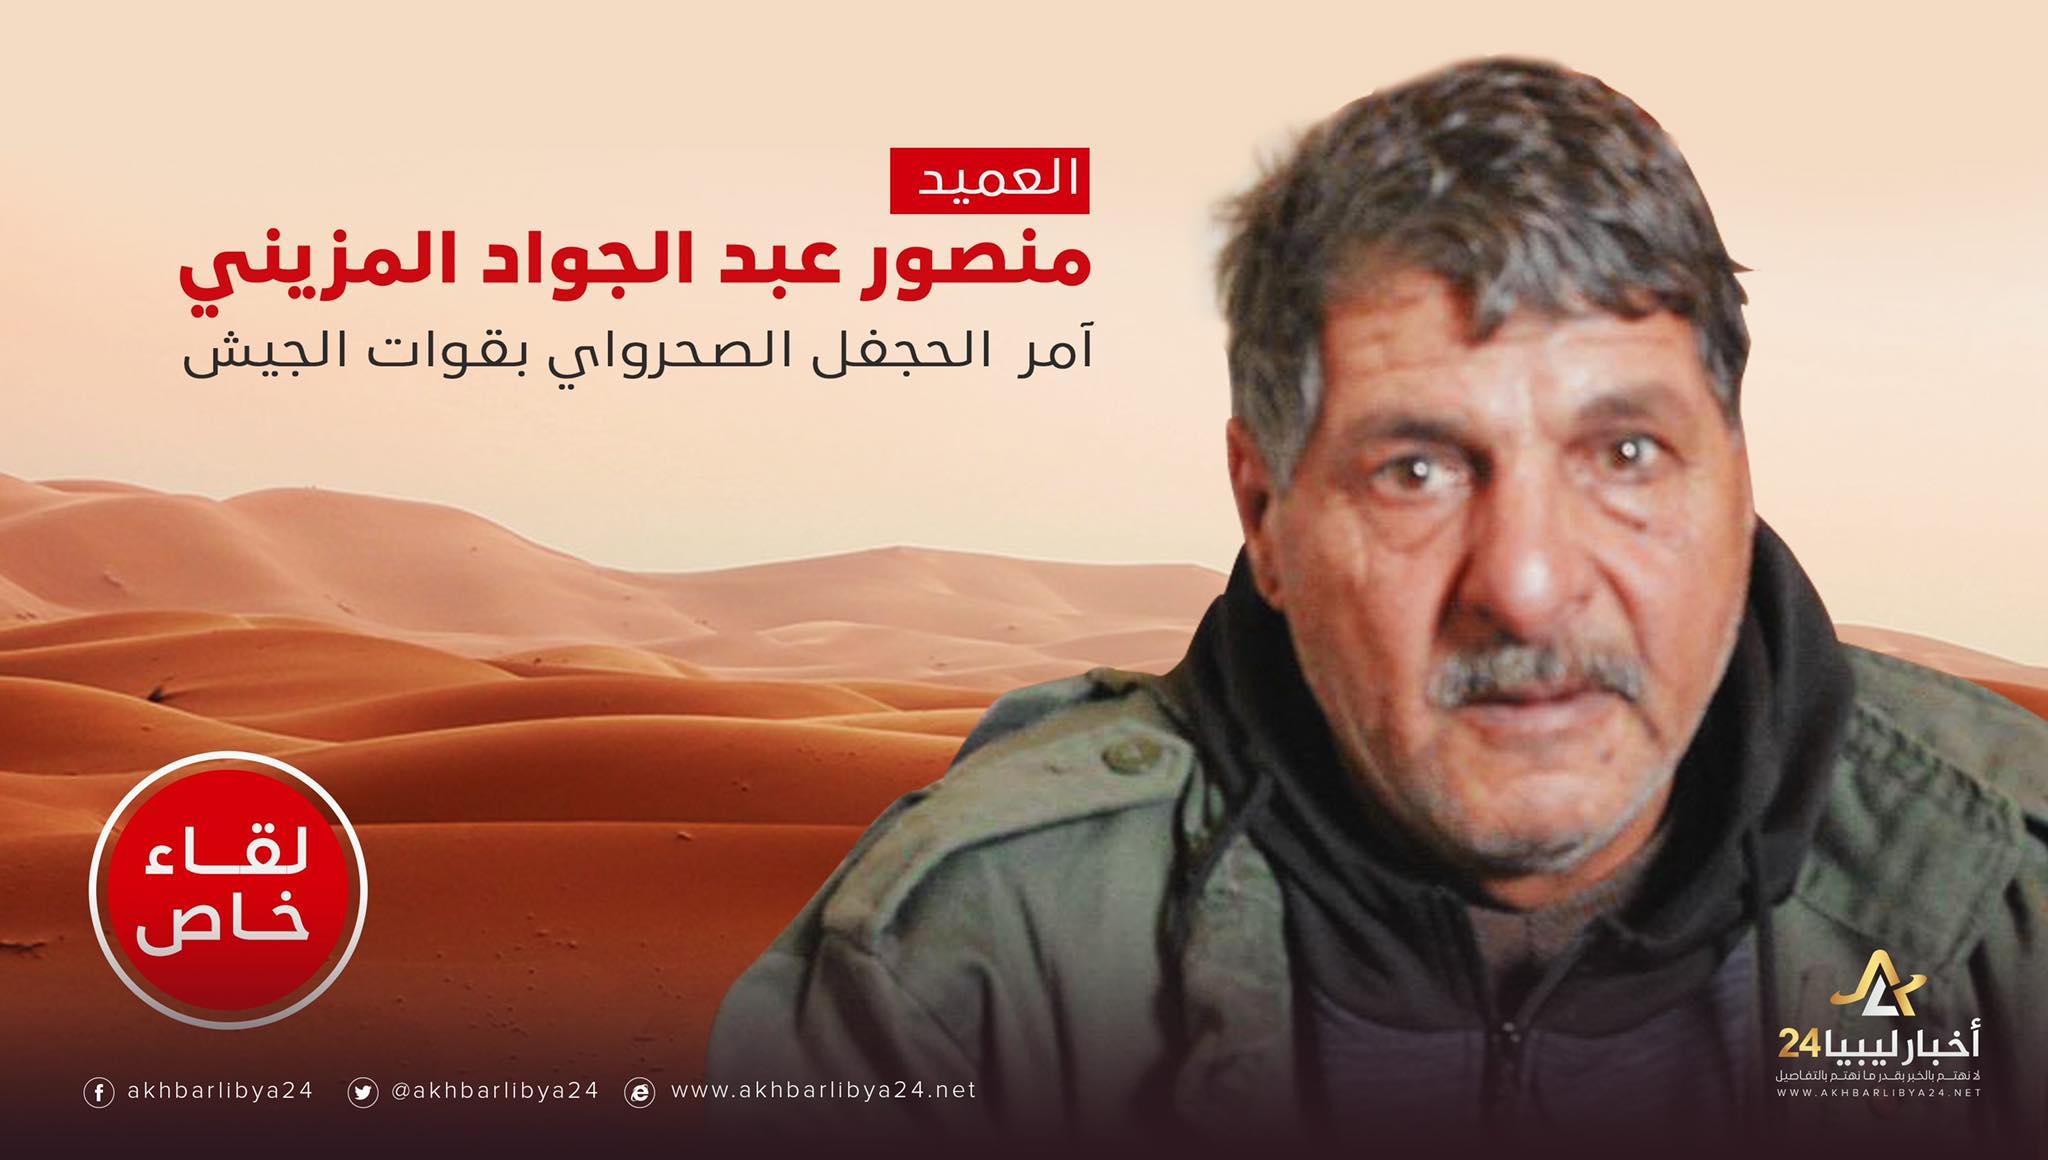 صورة العميد منصور عبد الجواد يروي لأخبار ليبيا 24 كيف تم إيقاف شحنة أسلحة متوجهة من الأبرق لدعم الجماعات الإرهابية في سوريا